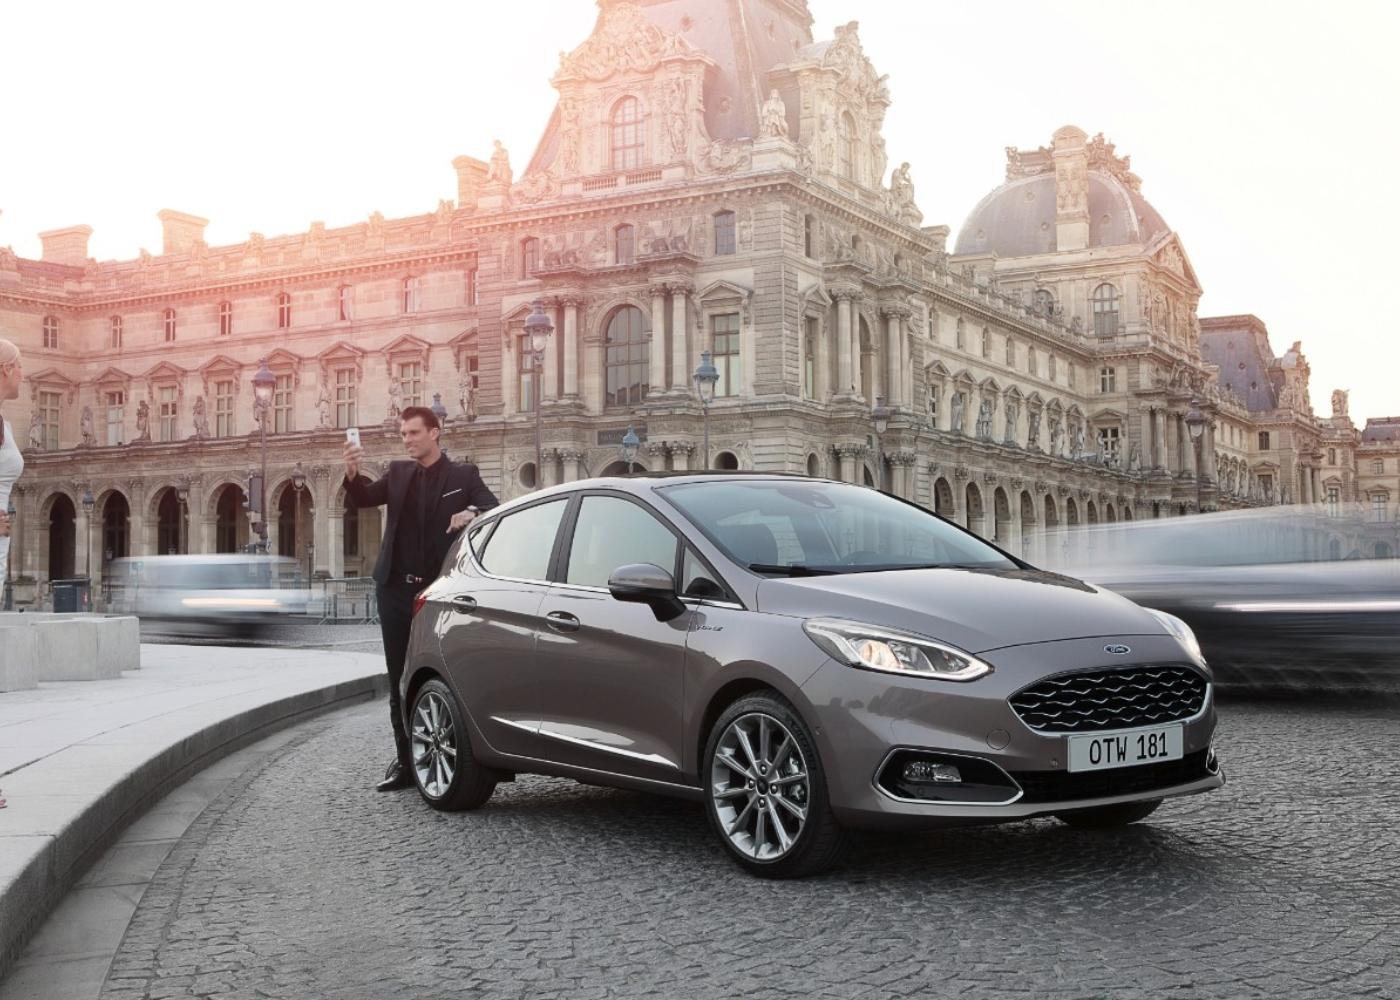 Ford Fiesta, um dos carros com menor consumo